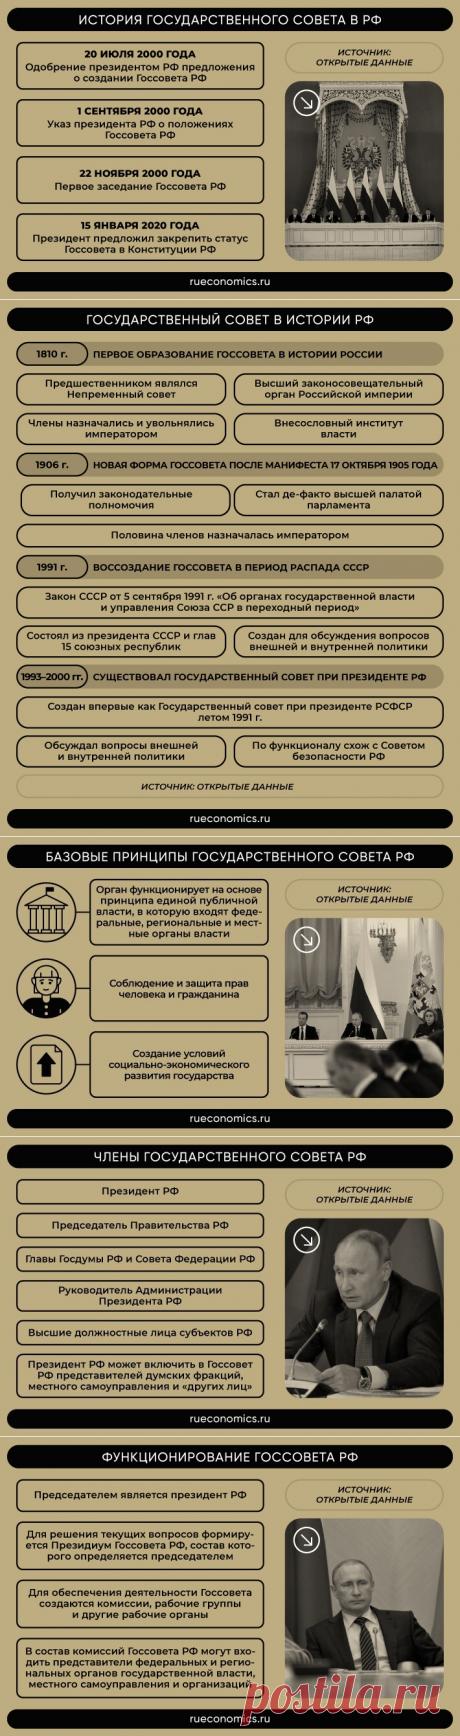 Госсовет РФ создаст новый уровень взаимодействия центра и регионов | Новости